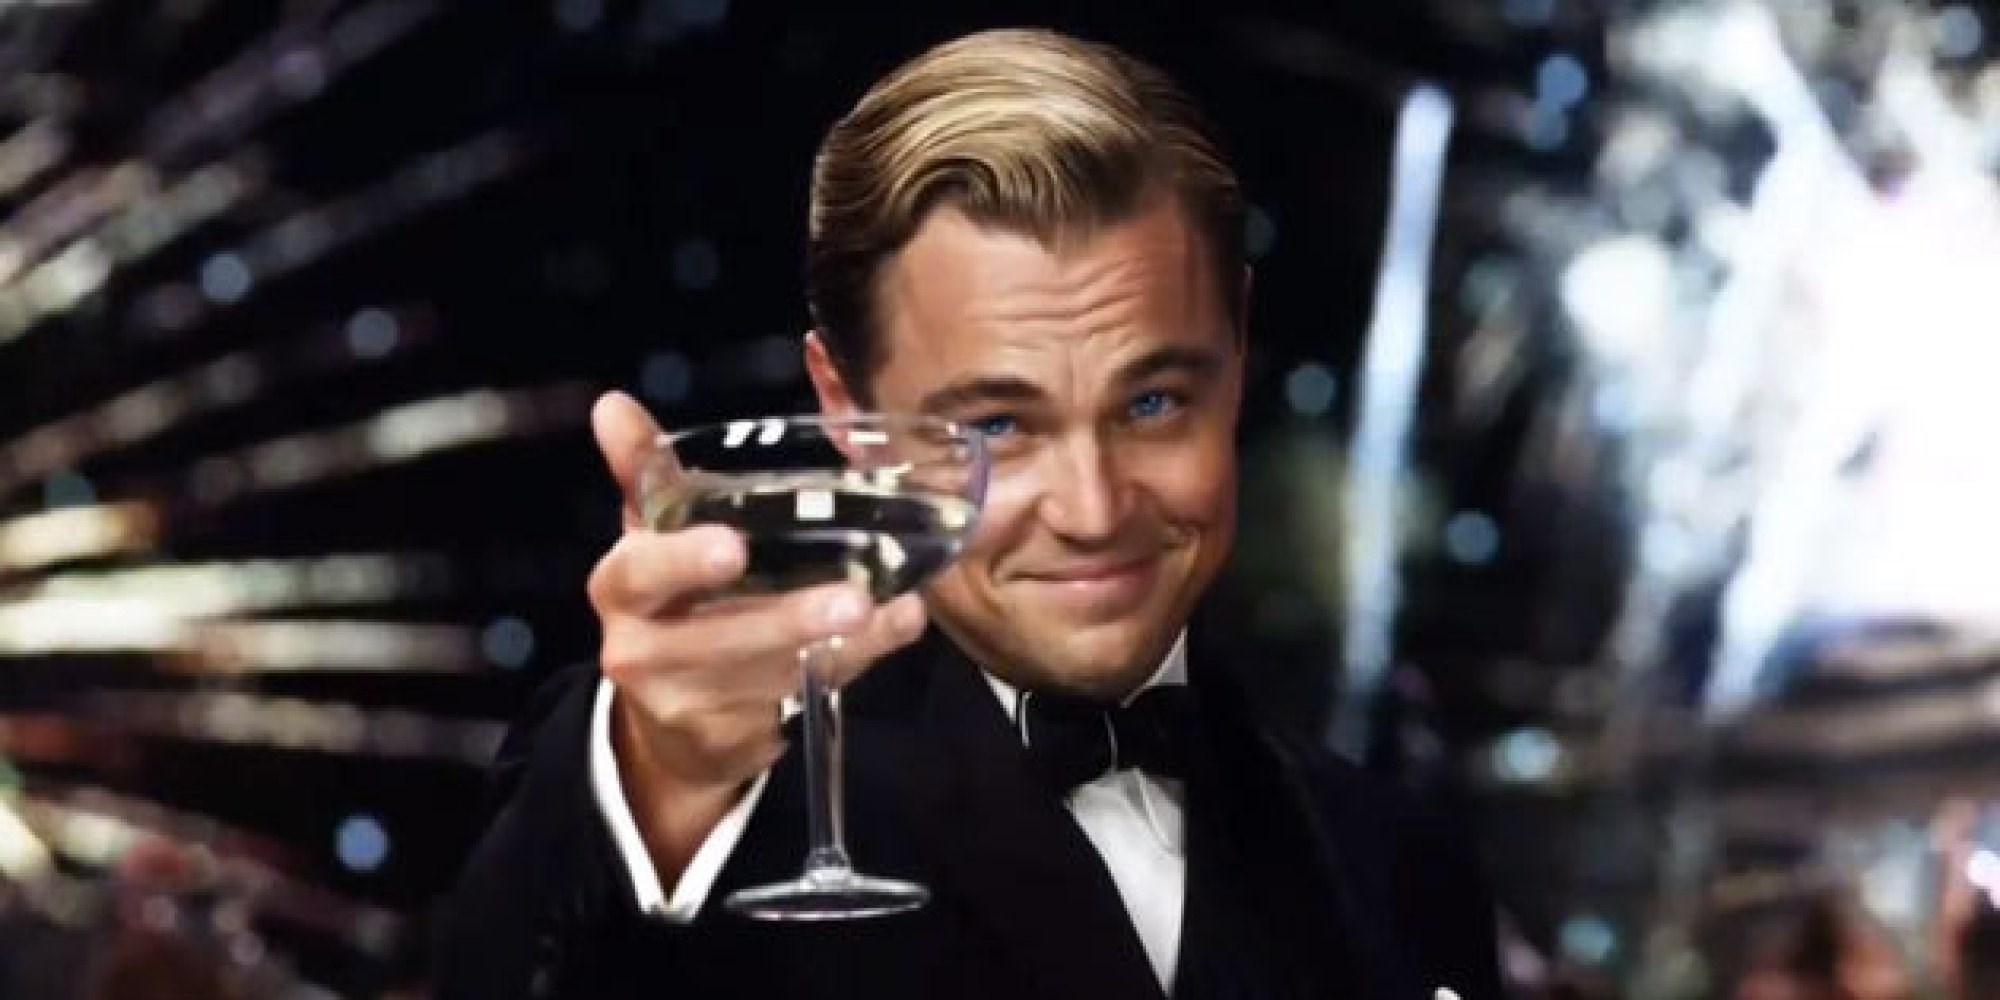 Minum Alkohol Dilarang? RUU Larangan Minuman Beralkohol Masuk Prolegnas Prioritas DPR 2020